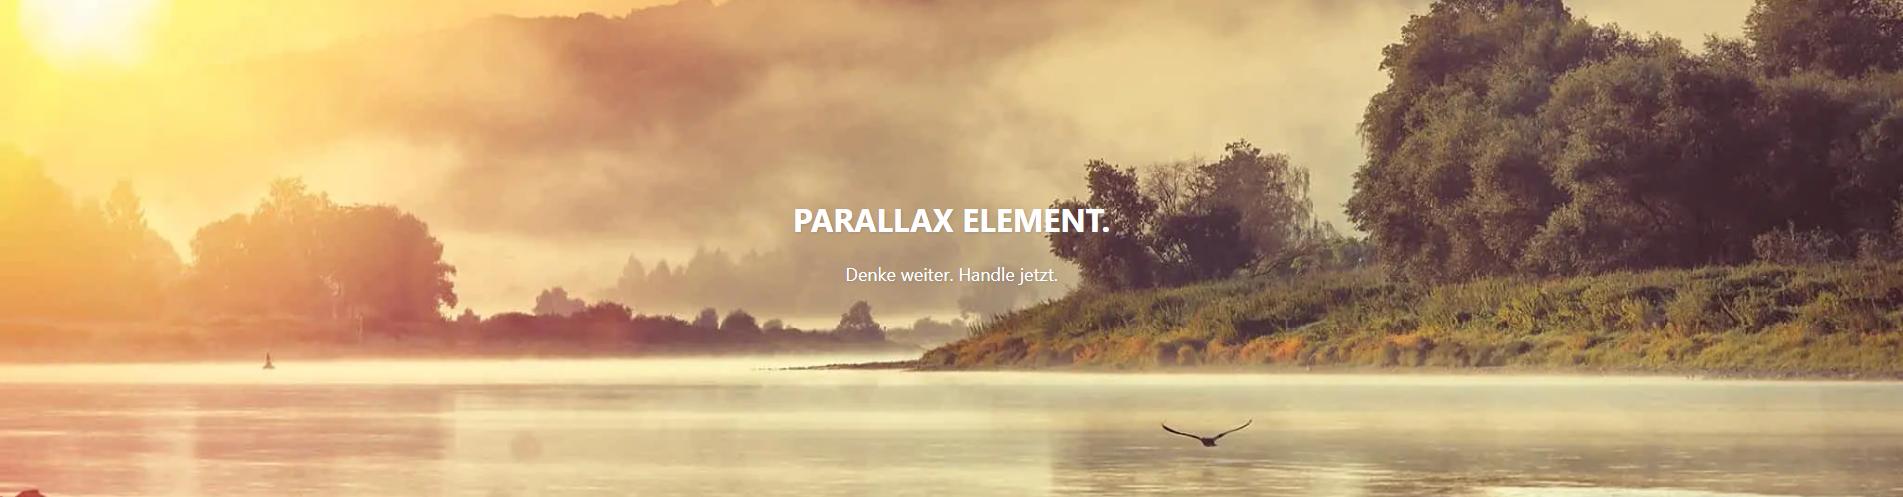 Parallax-Element Beispiel